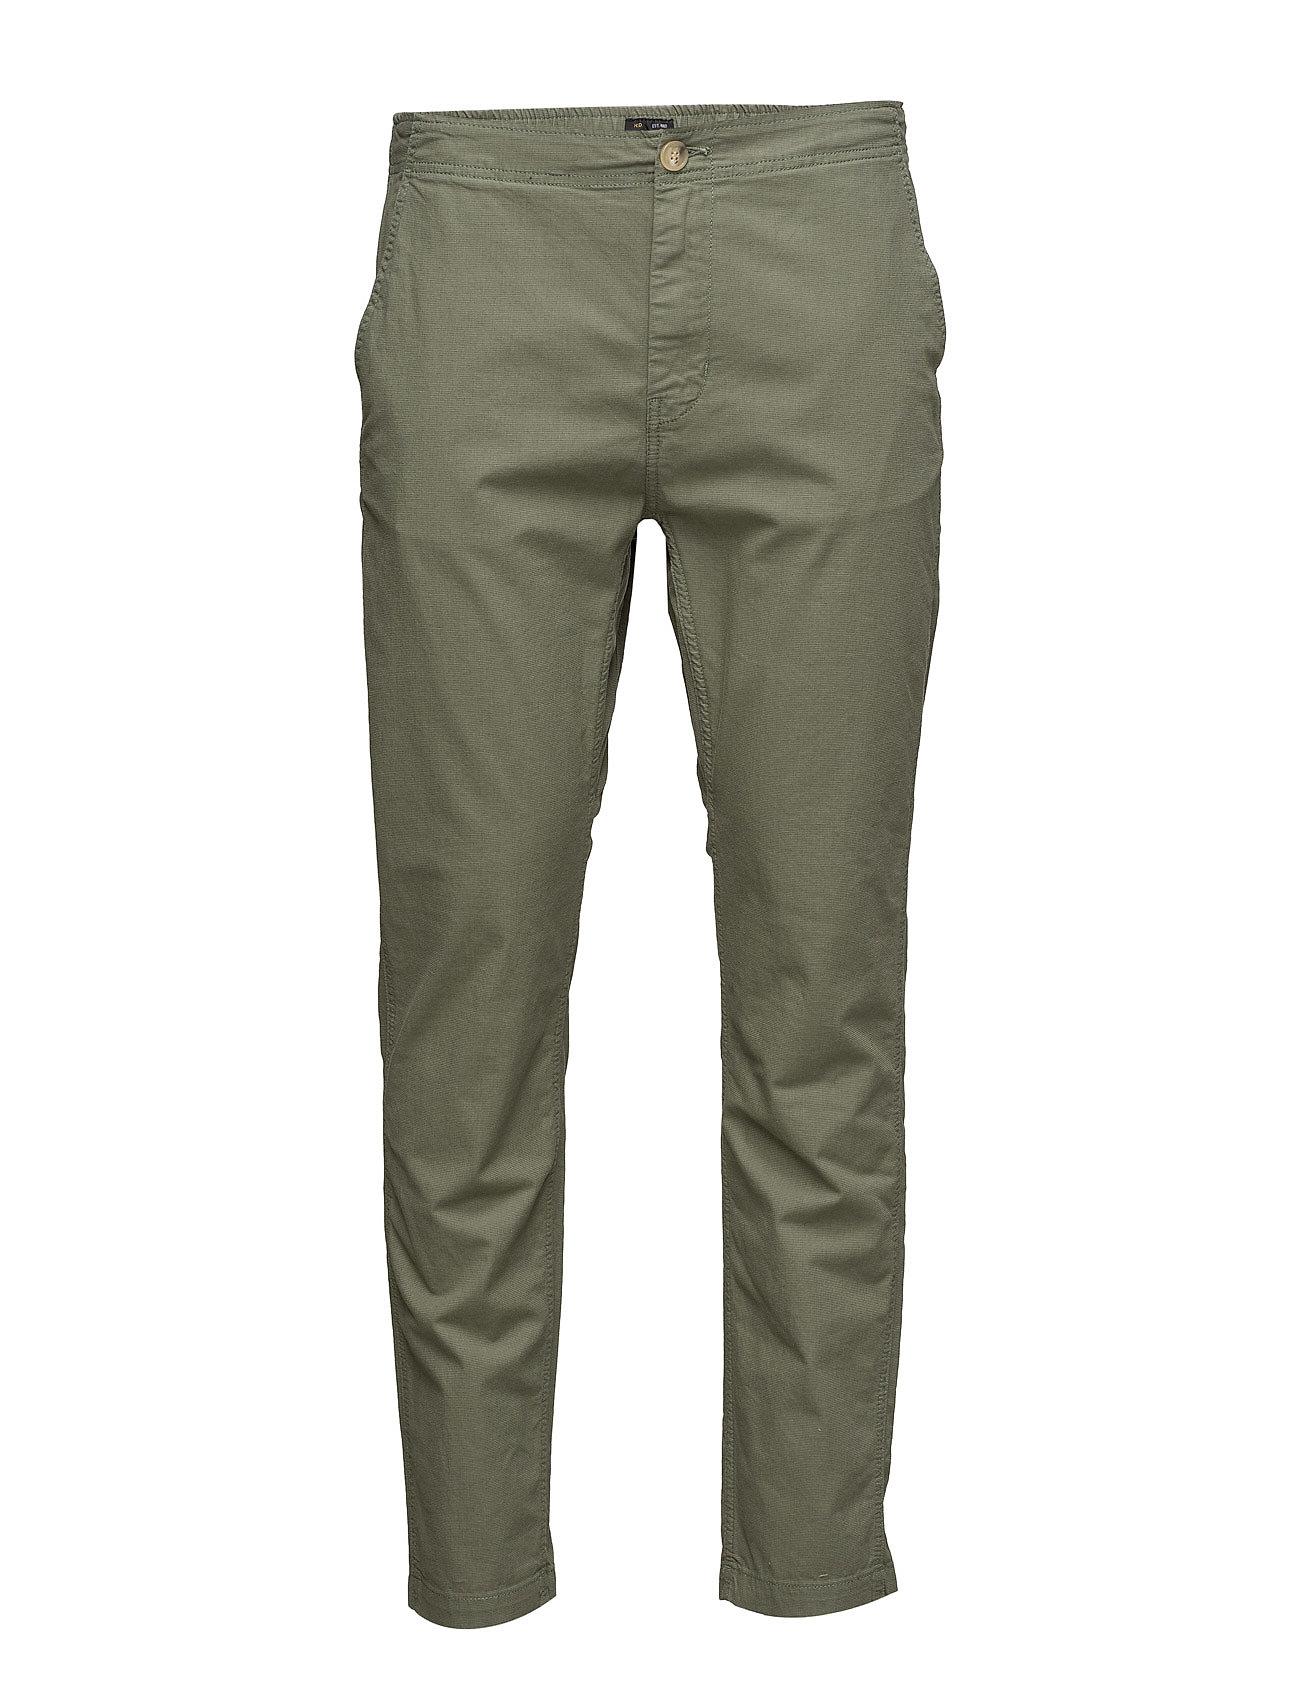 Seasonal Sports Pant Olive Minicheck Lee Jeans Bukser til Mænd i